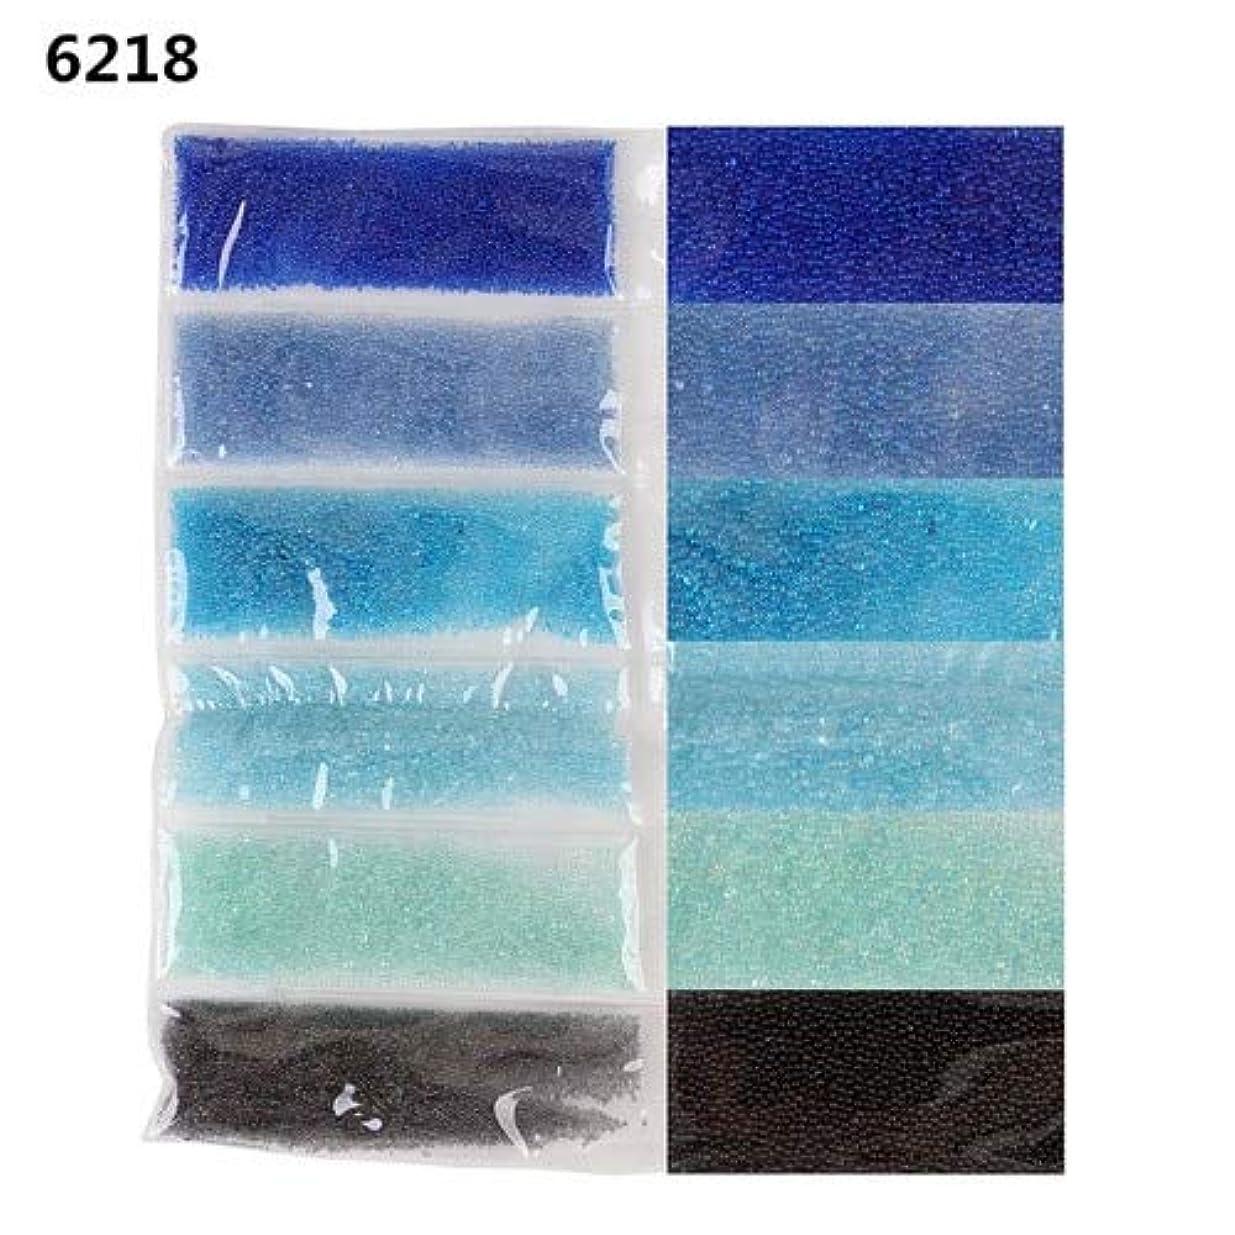 石油シンジケート乱闘1袋6色混合ミニビーズネイルキャビアネイルアートラインストーンネイルクリスタルネイルアートデコレーション3D